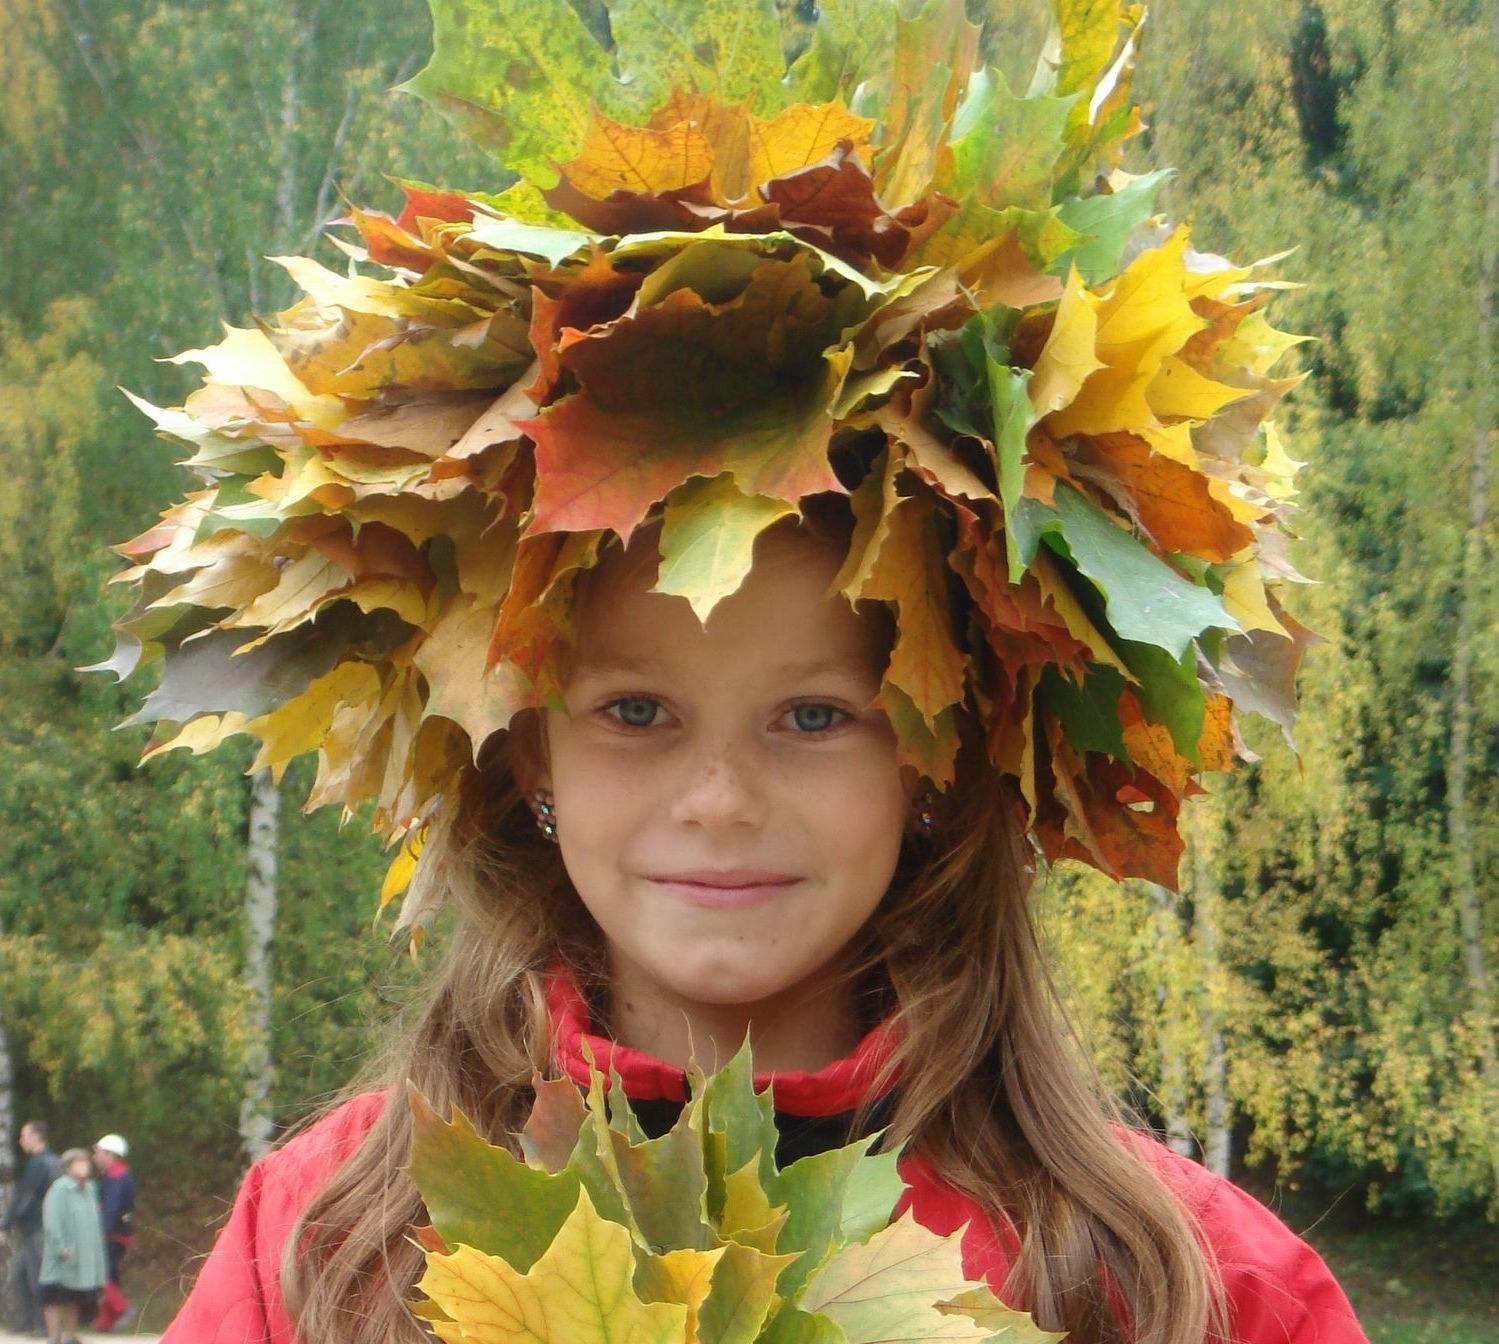 Мисс осень. Закрытое голосование фотоконкурса 'Осенняя прогулка'